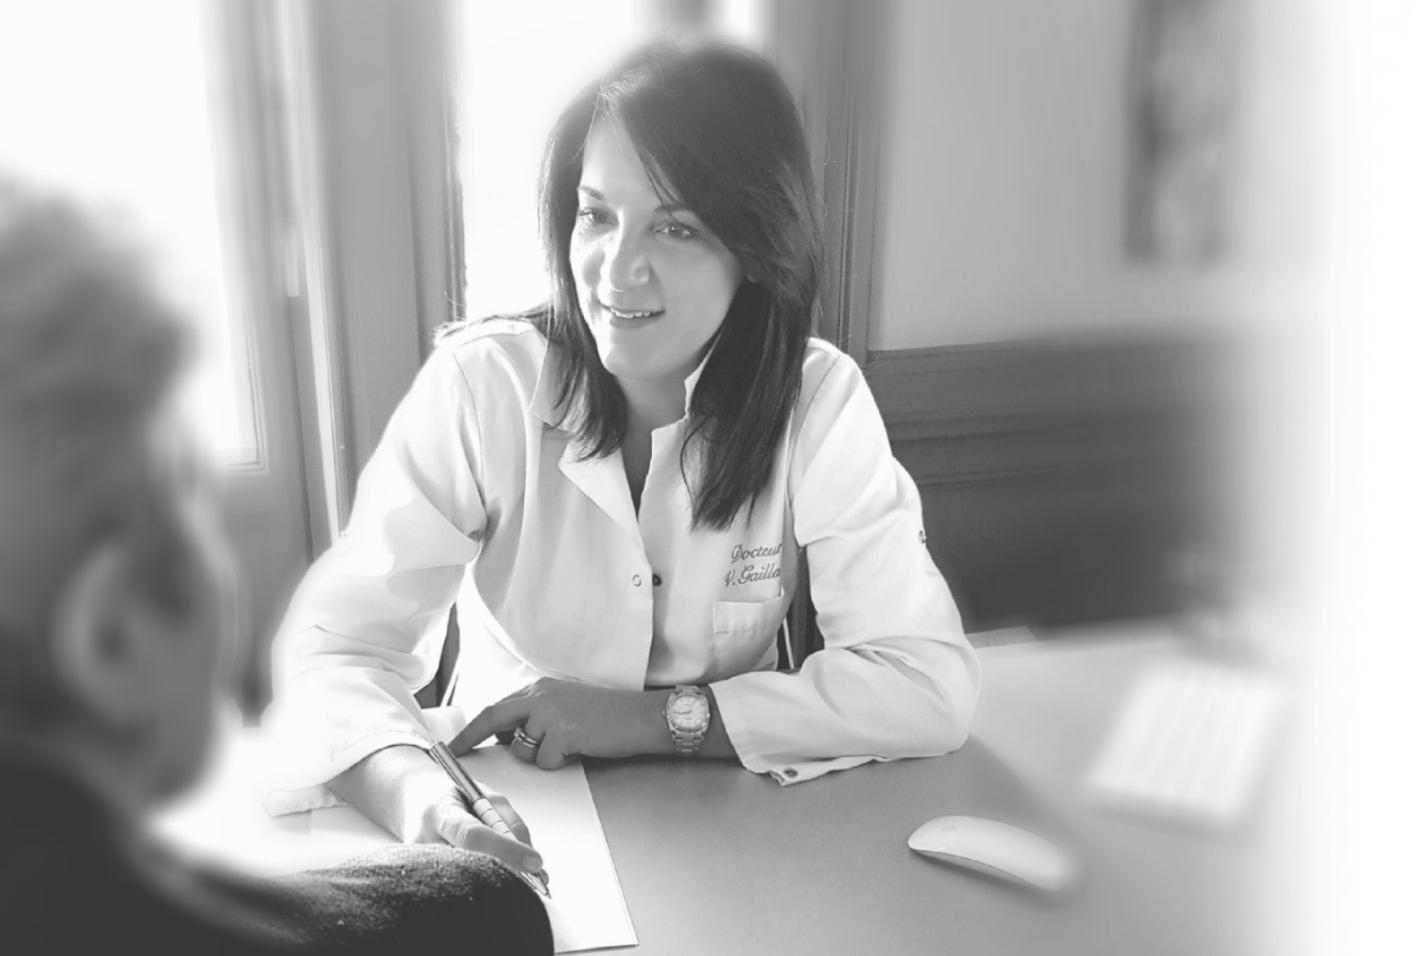 Médecine esthétique Dr Valérie Gaillard - Médecine esthétique | Médecine Esthétique Lyon